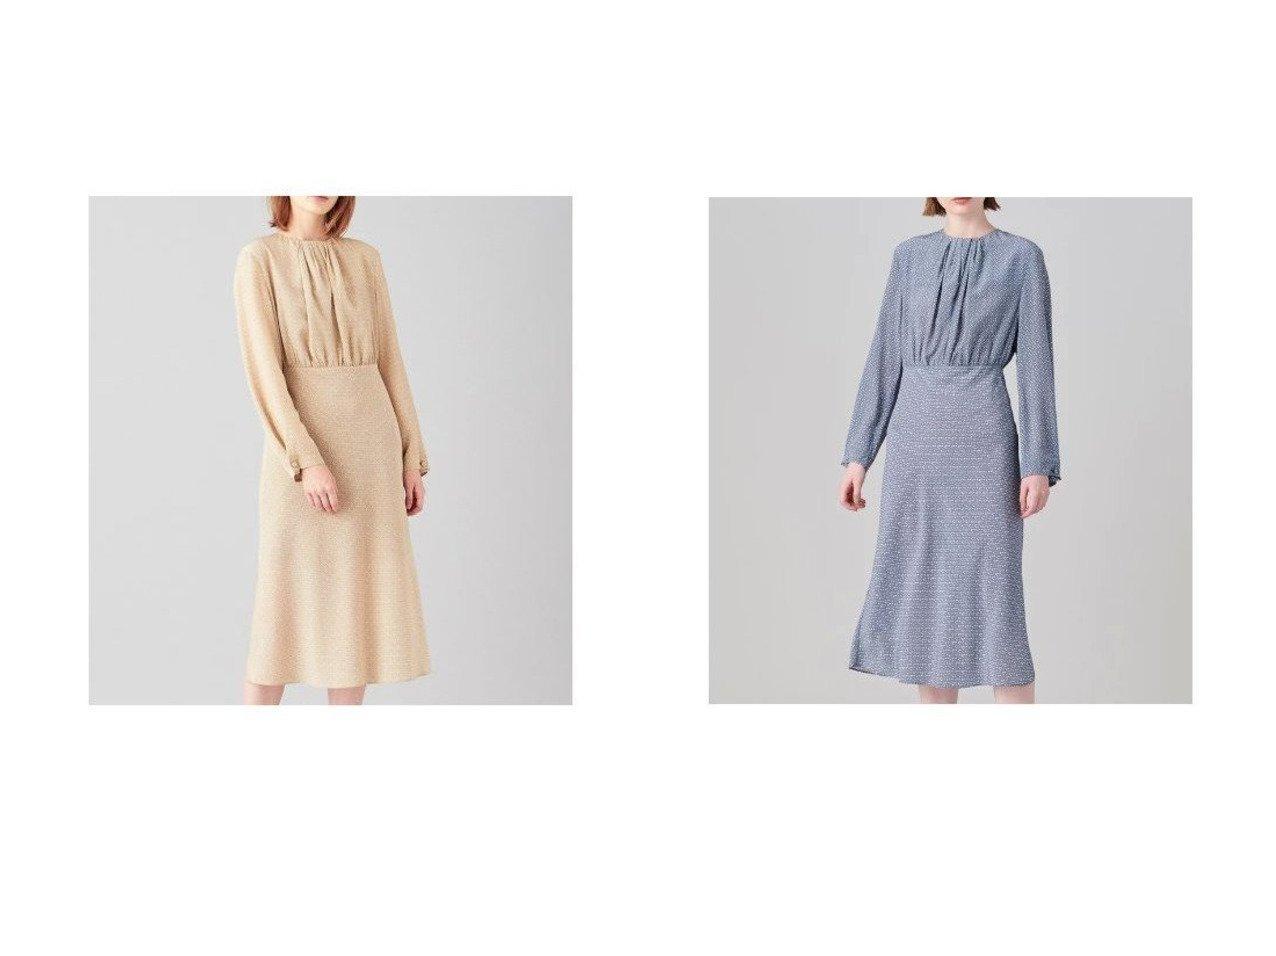 【JOSEPH/ジョゼフ】のジオメトリックプリント ワンピース ワンピース・ドレスのおすすめ!人気、トレンド・レディースファッションの通販 おすすめファッション通販アイテム インテリア・キッズ・メンズ・レディースファッション・服の通販 founy(ファニー)  ファッション Fashion レディースファッション WOMEN ワンピース Dress ドレス Party Dresses エレガント ギャザー シルク ドレス バイアス フォーマル プリント ベージュ系 Beige グレー系 Gray |ID:crp329100000016377